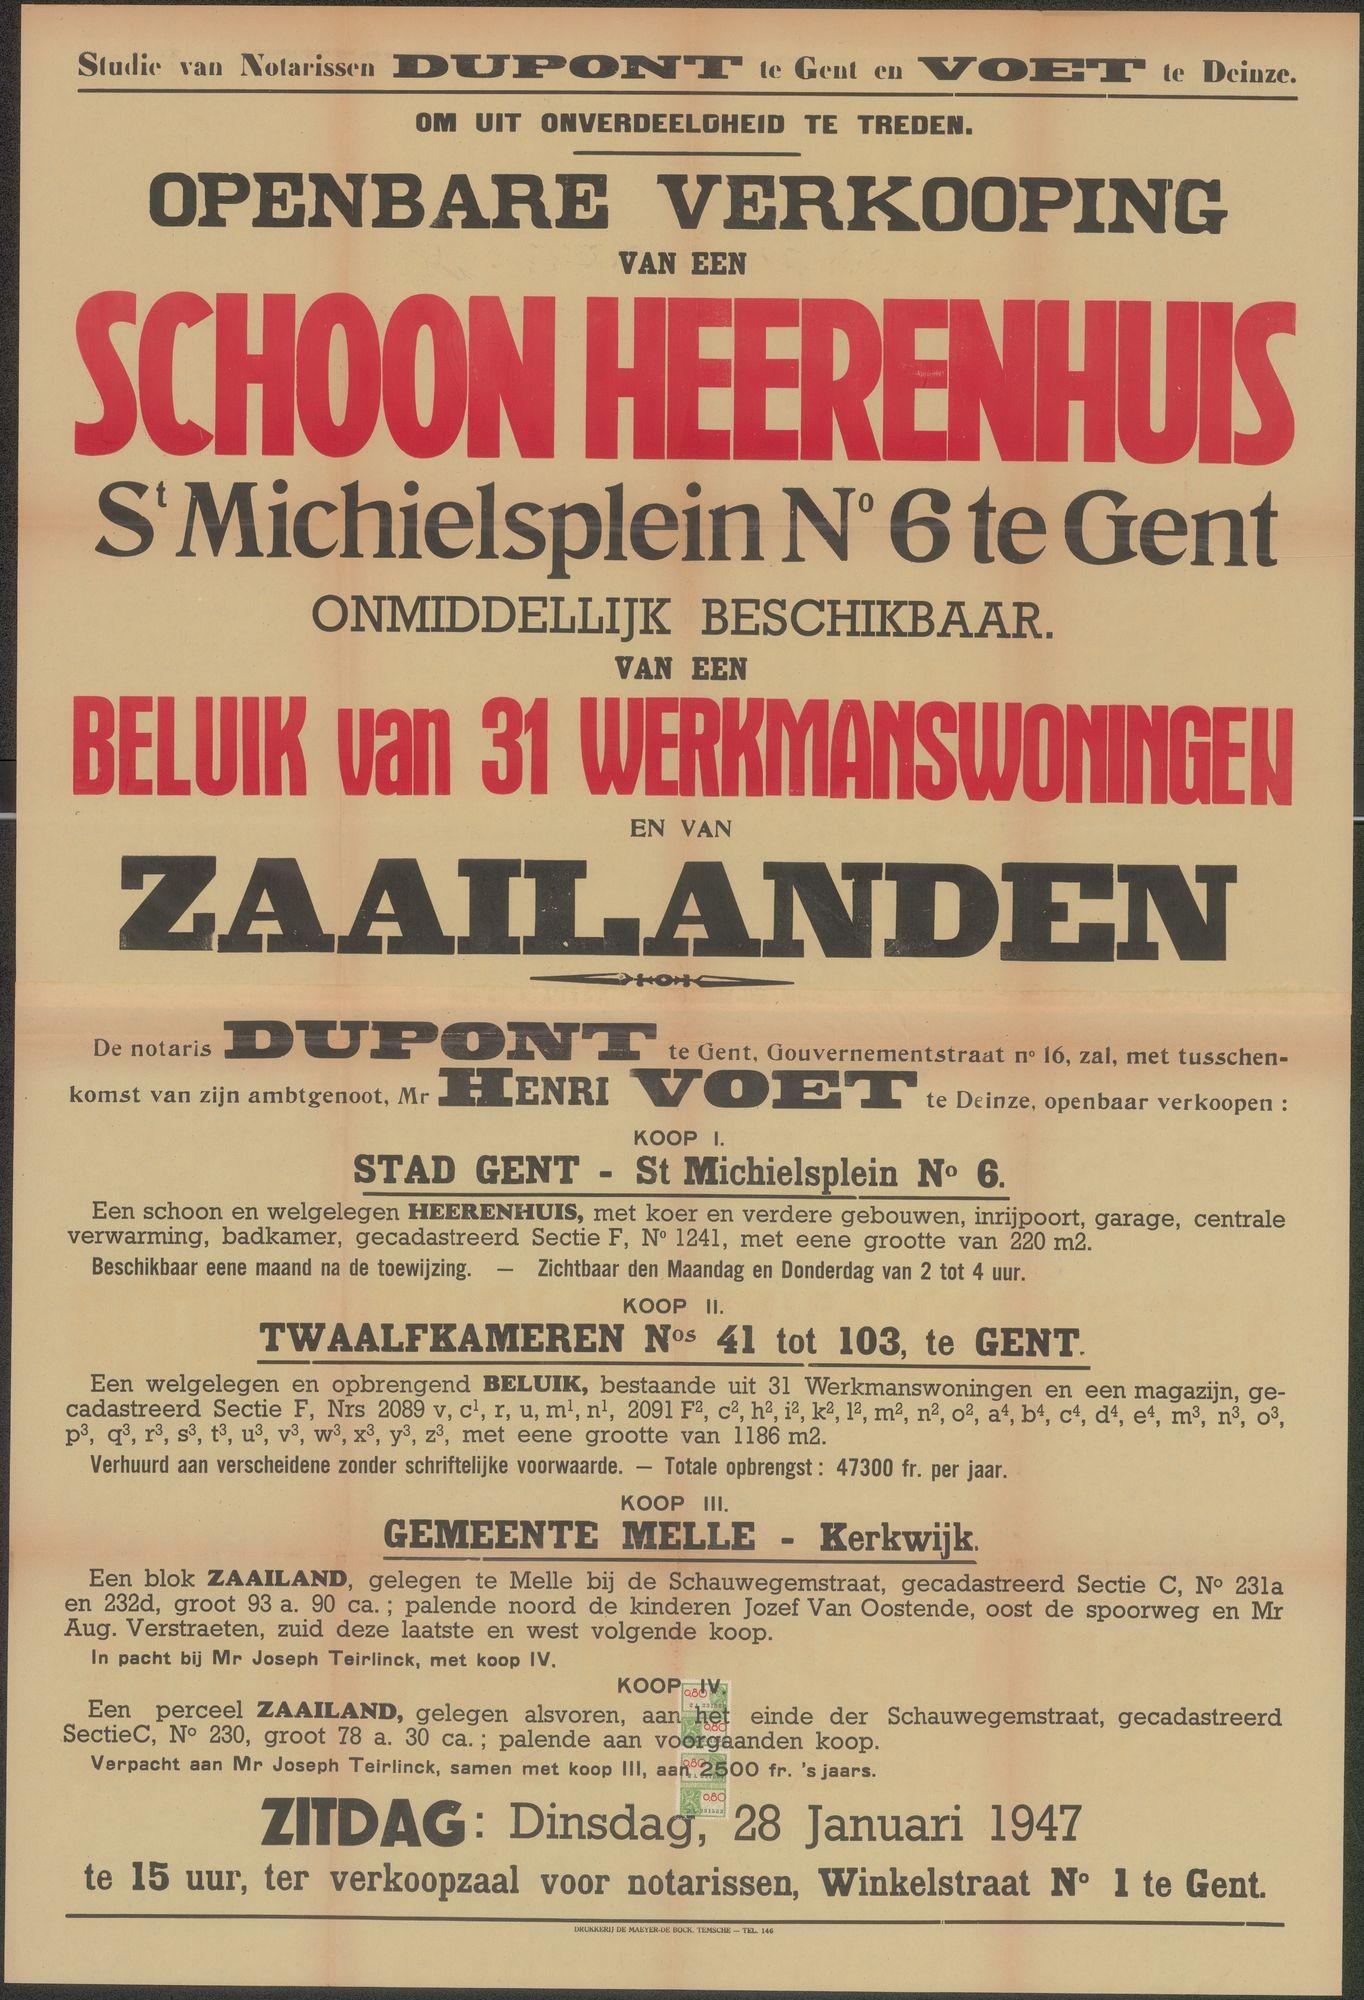 Openbare verkoop van een schoon herenhuis  St. Michielsplein, nr.6  te Gent, onmiddelijk beschikbaar, van een  beluik van 31 werkmanswoningen en van zaailanden , Gent, 28 januari 1947